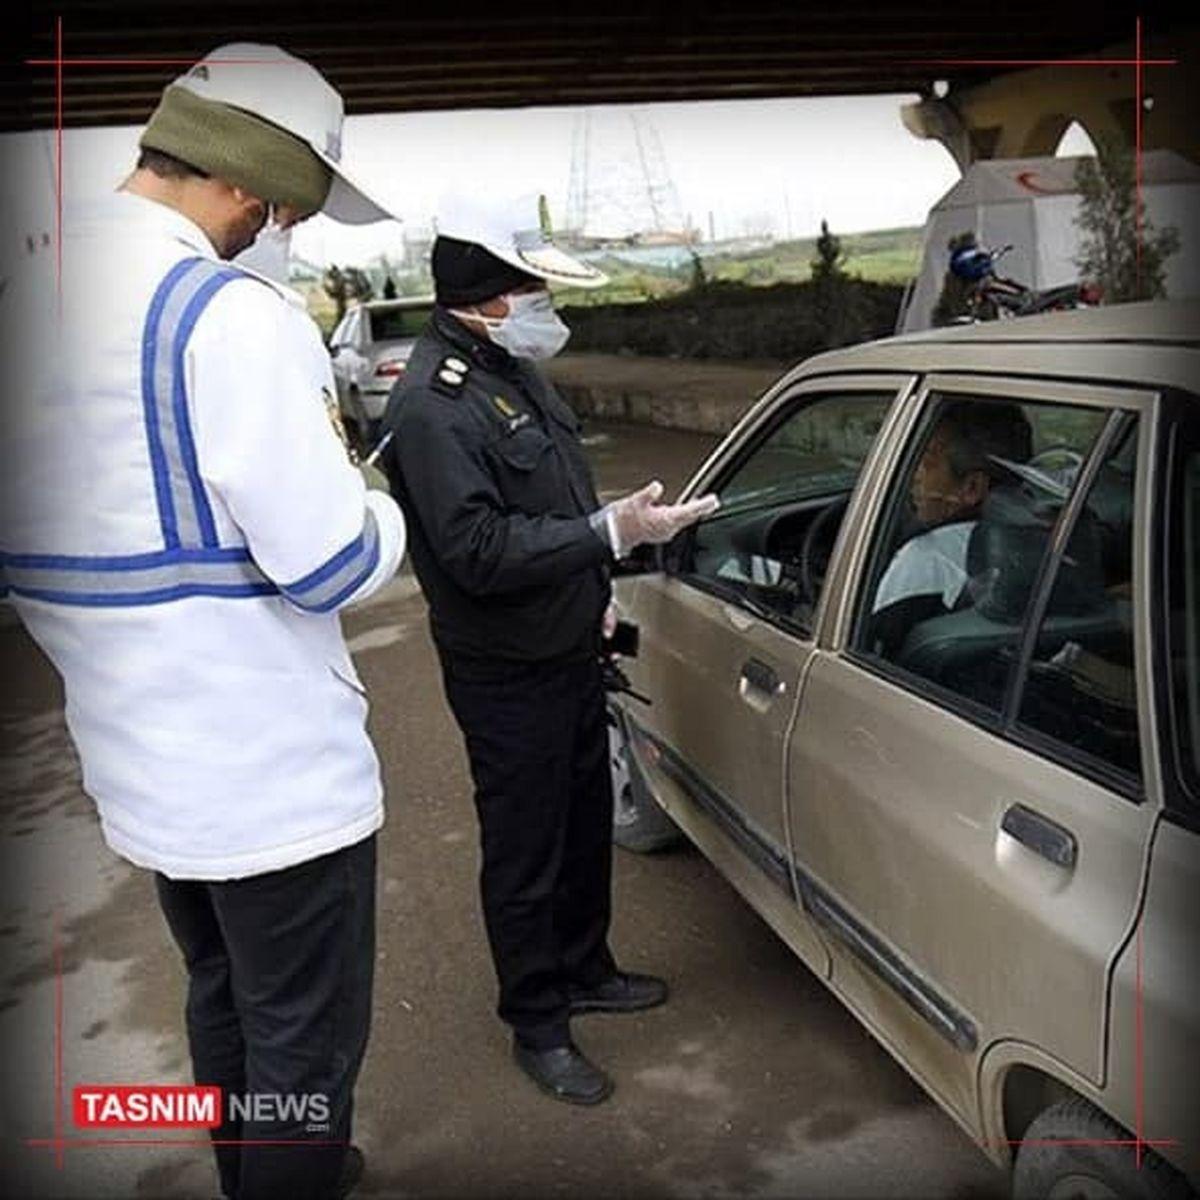 جرائم رانندگی در سال آینده چقدر افزایش مییابد؟